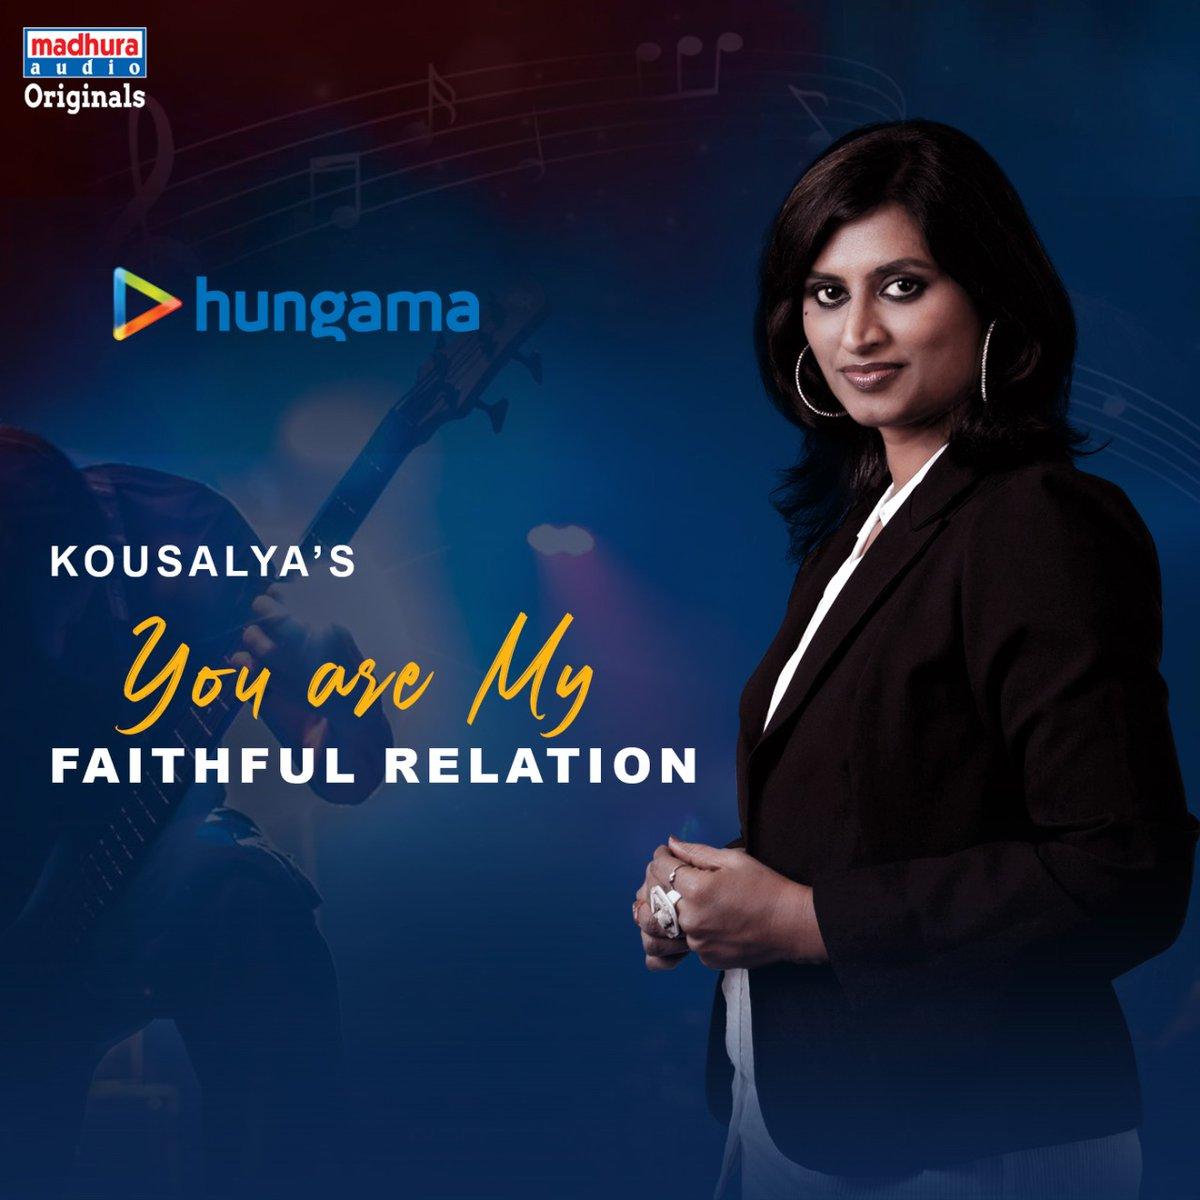 Talented Singer @Kousalyapotturi's #YouAreMyFaithfulRelation IS Streaming On Your Favorite OTT App  @Hungama_com: https://www.hungama.com/album/you-are-my-faithful-relation/54157858/…pic.twitter.com/ubRXBVtD5G